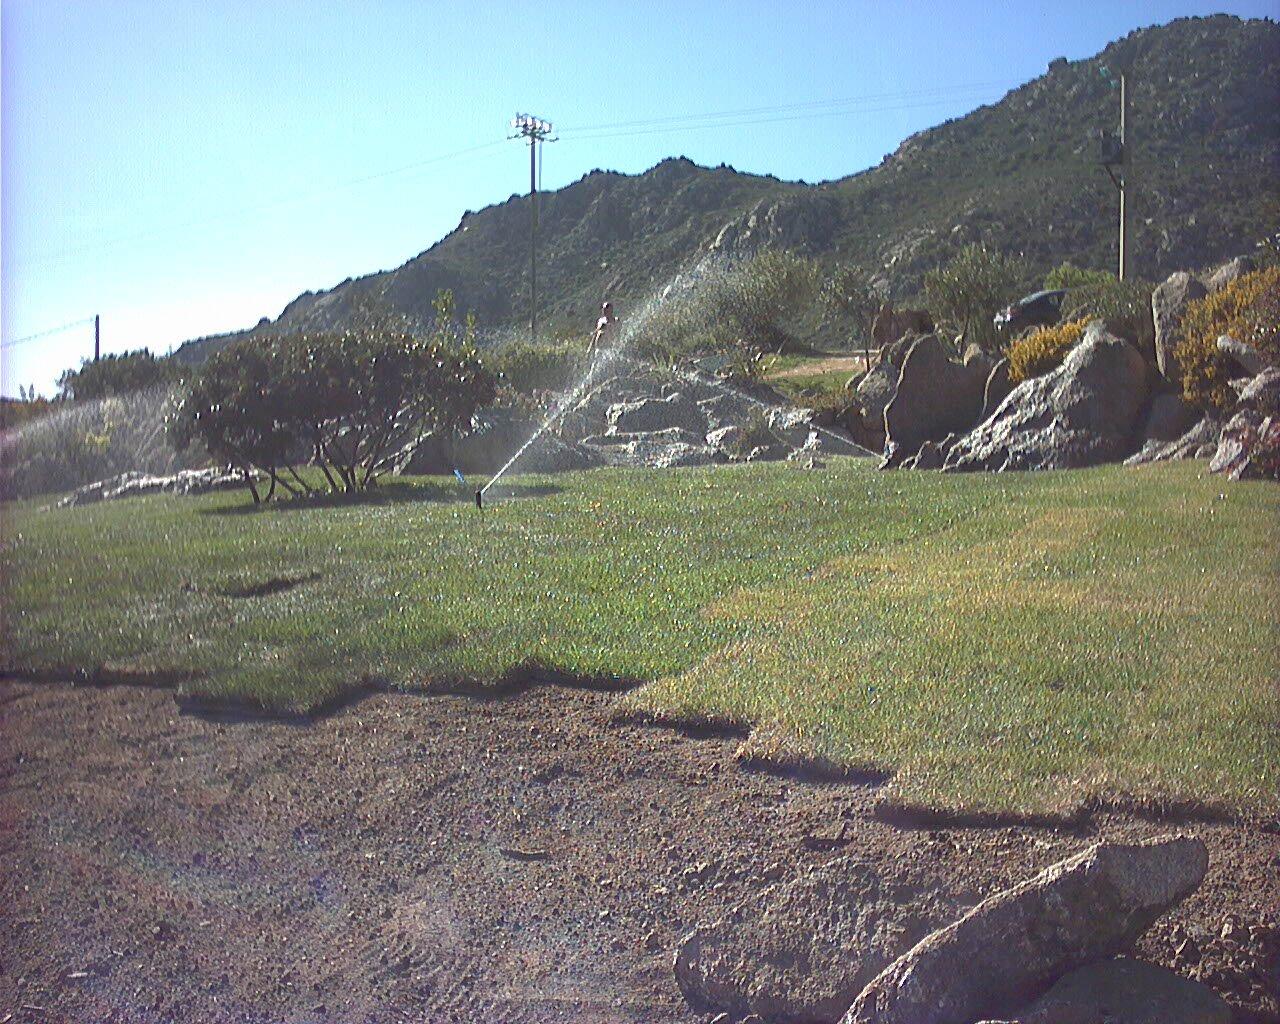 realizzazione e manutenzione impianti di irrigazione